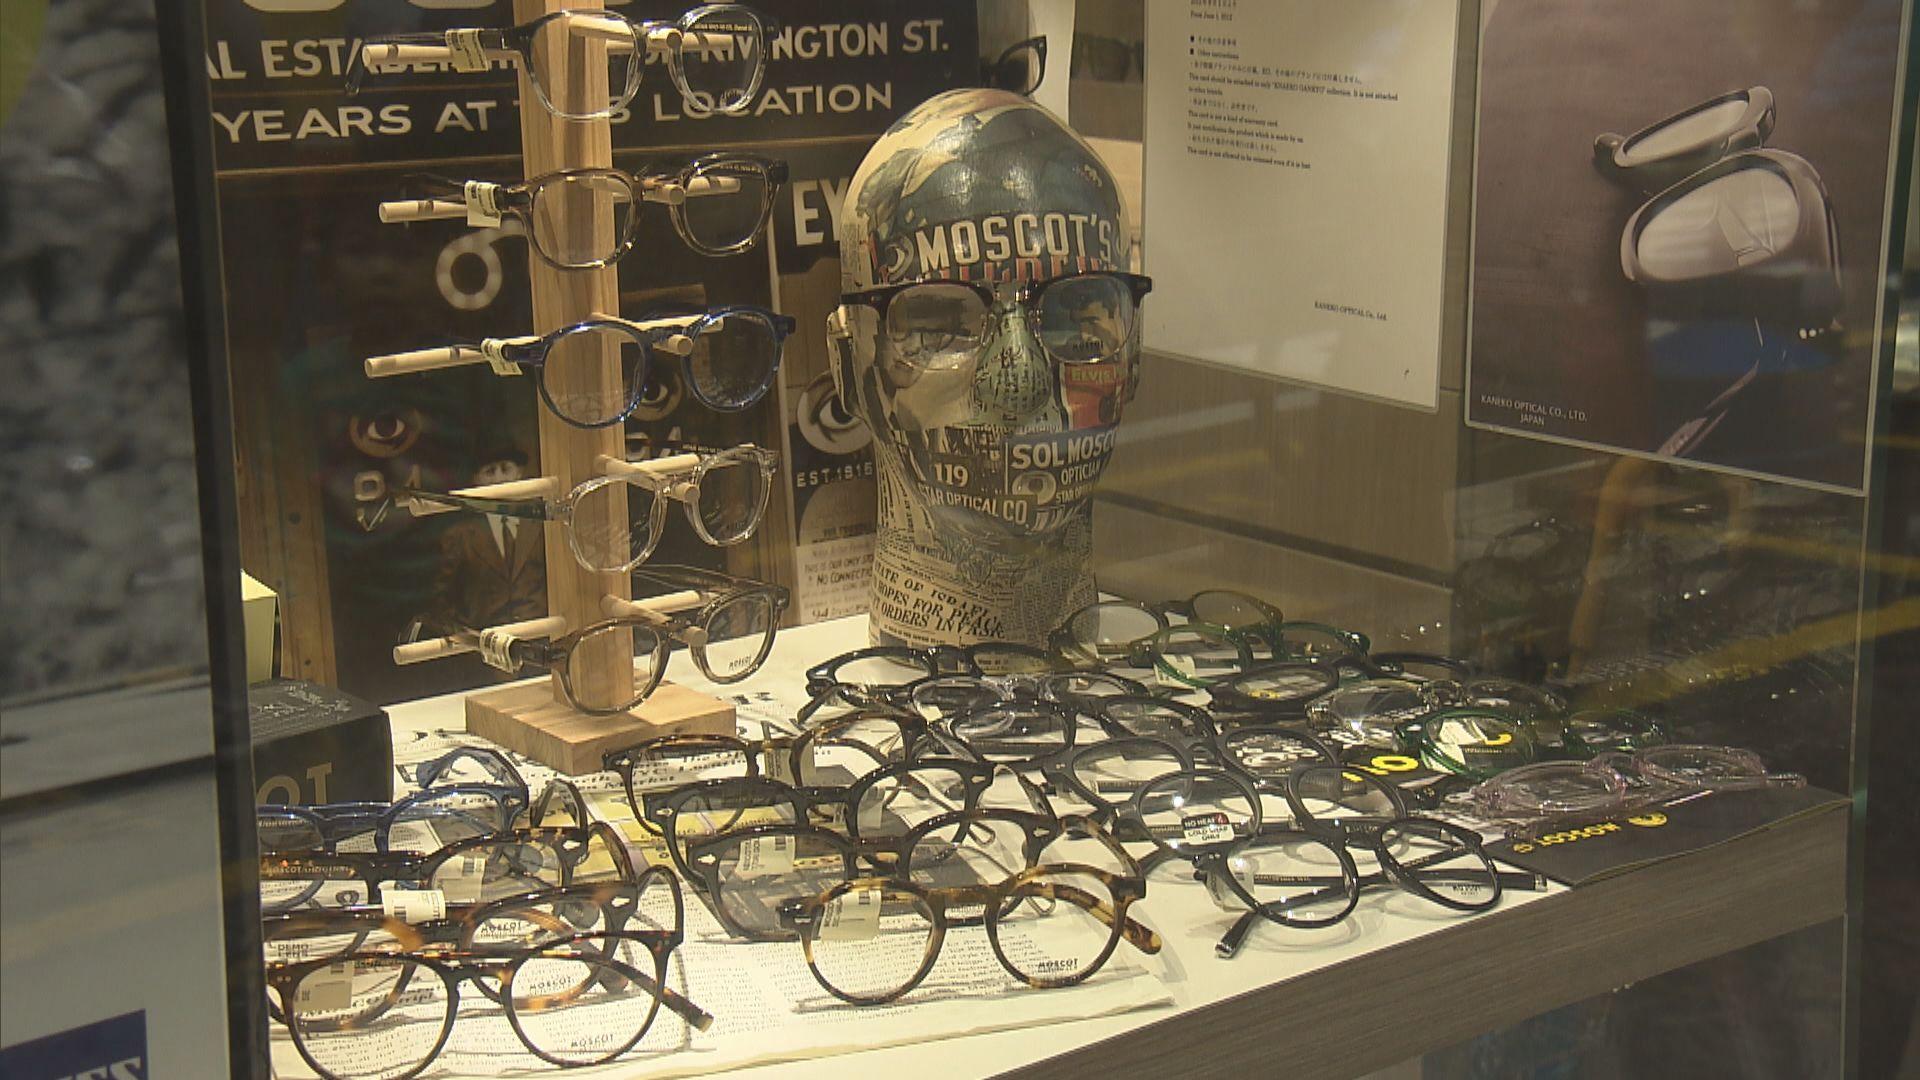 視光師學會倡配眼鏡剔除出醫療券範圍